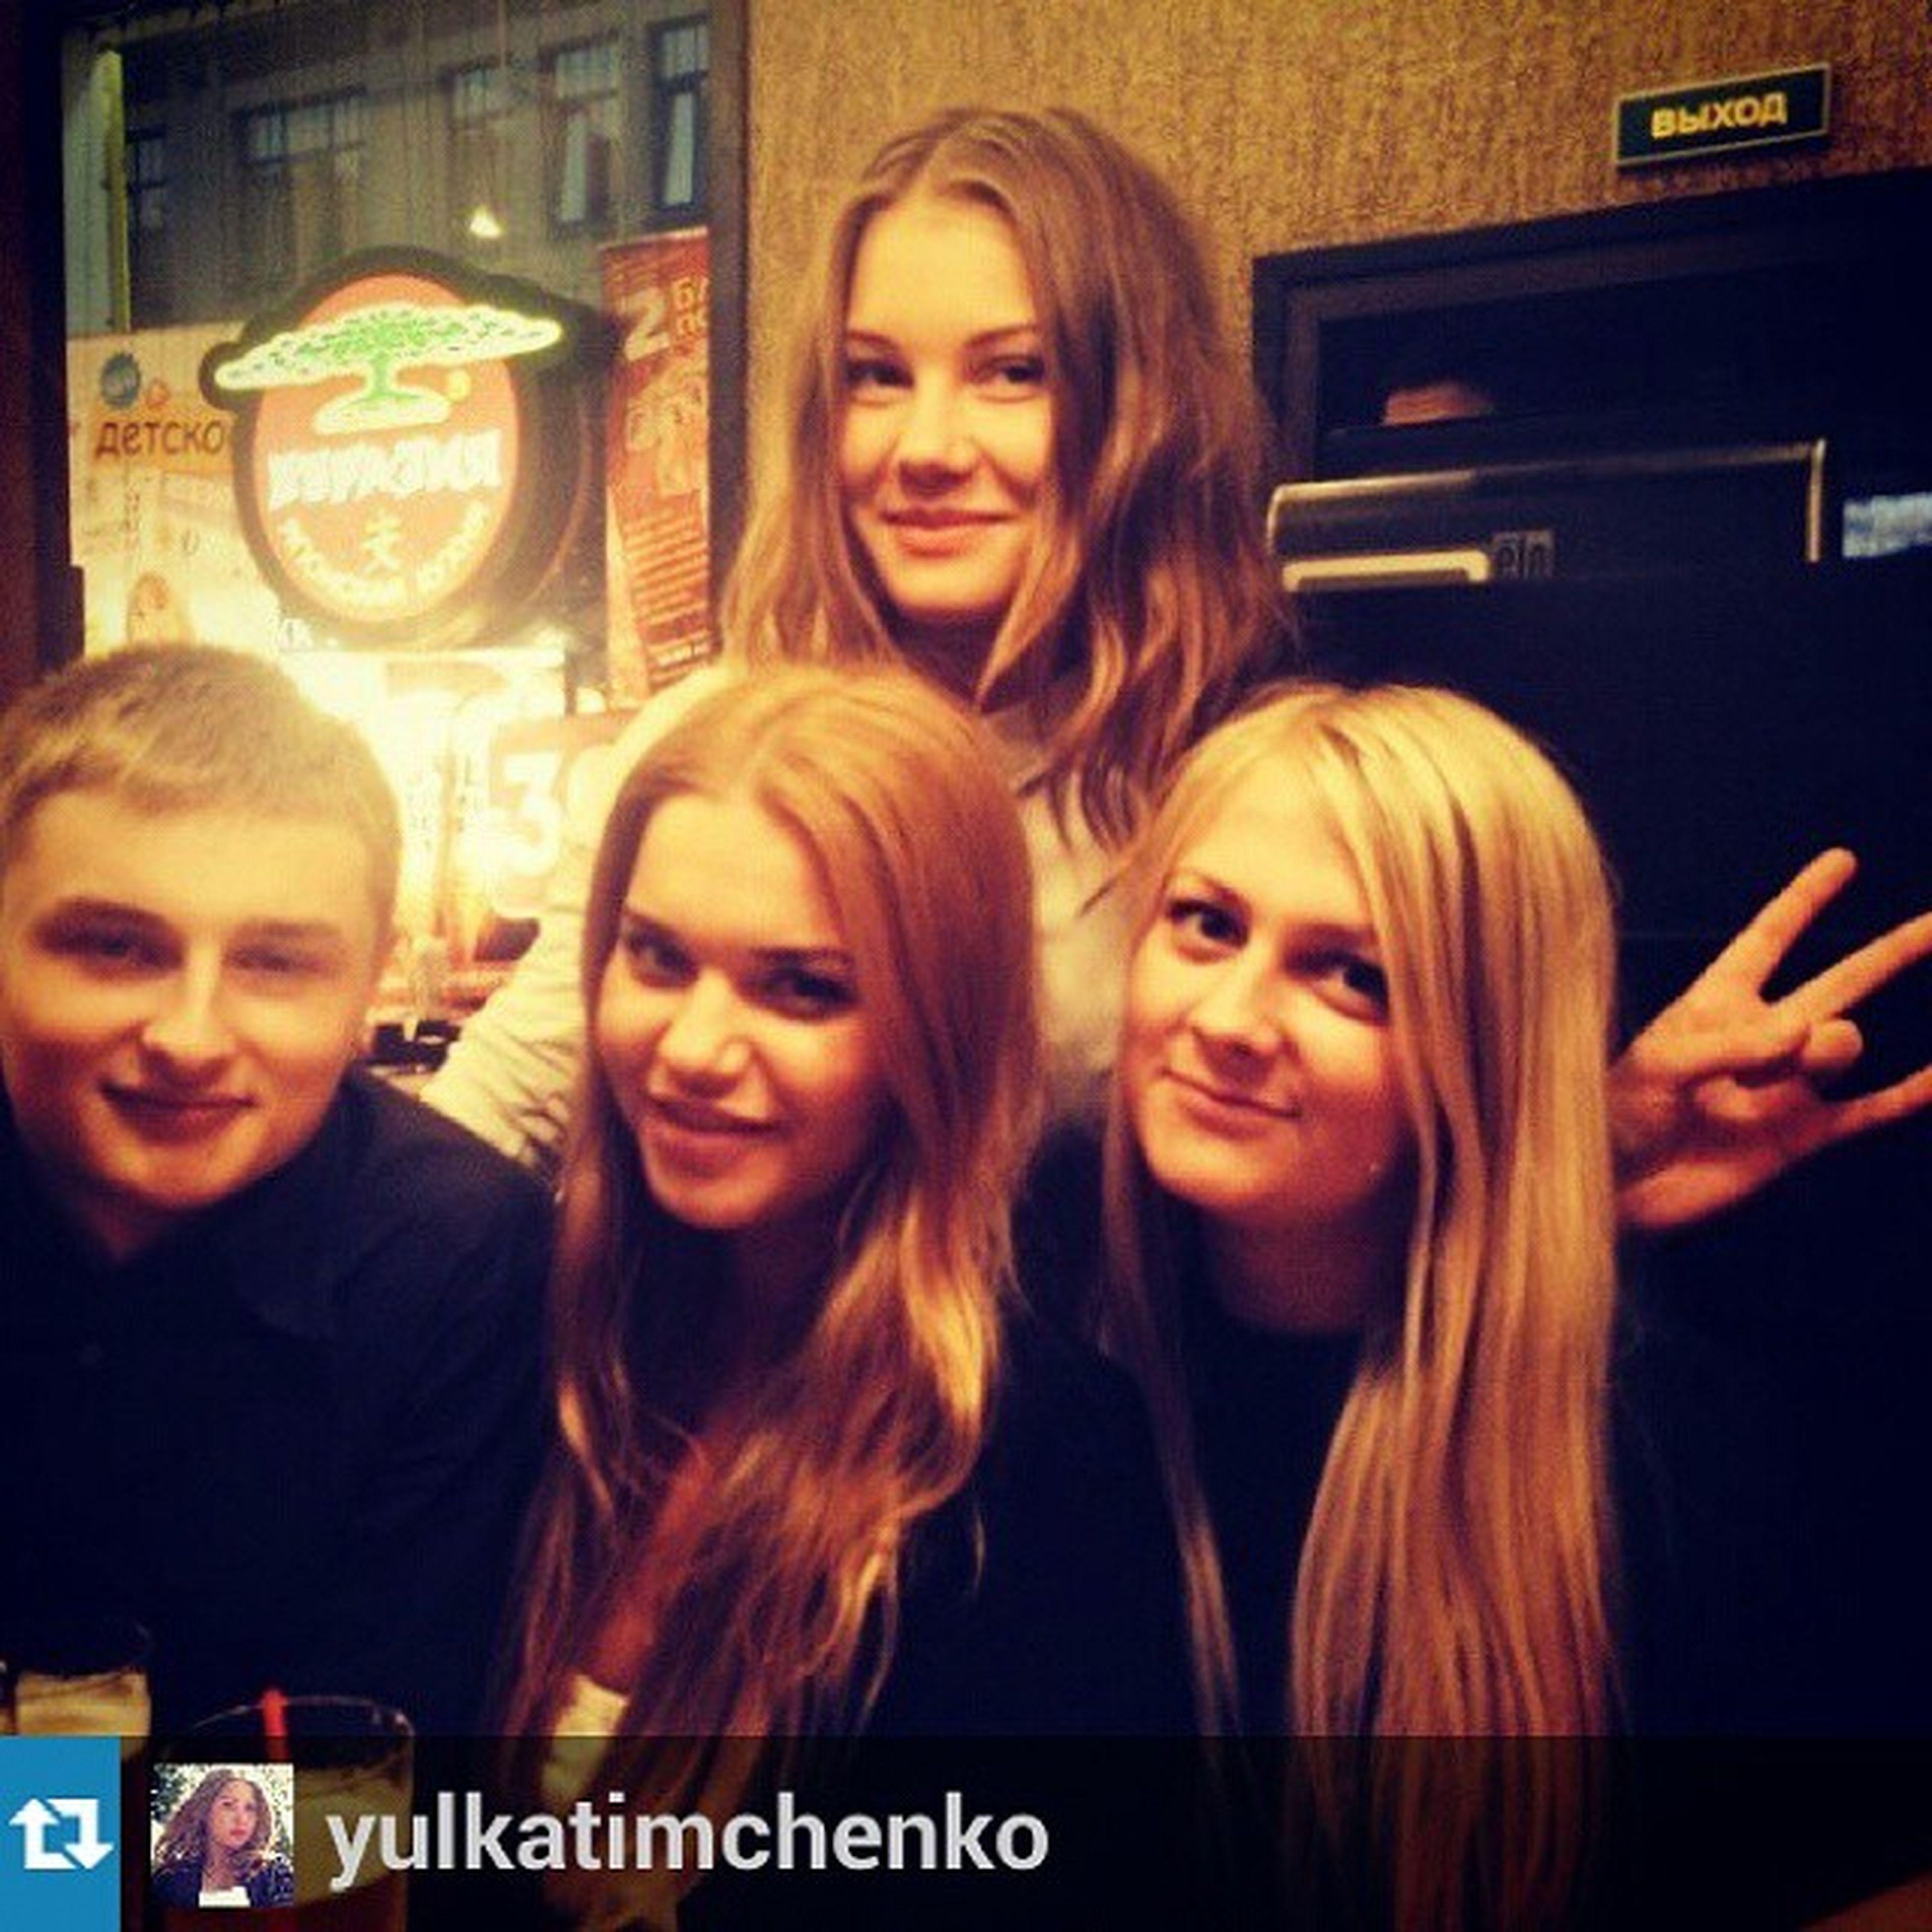 Repost from @yulkatimchenko with @repostapp — пятница  райф моиребятки